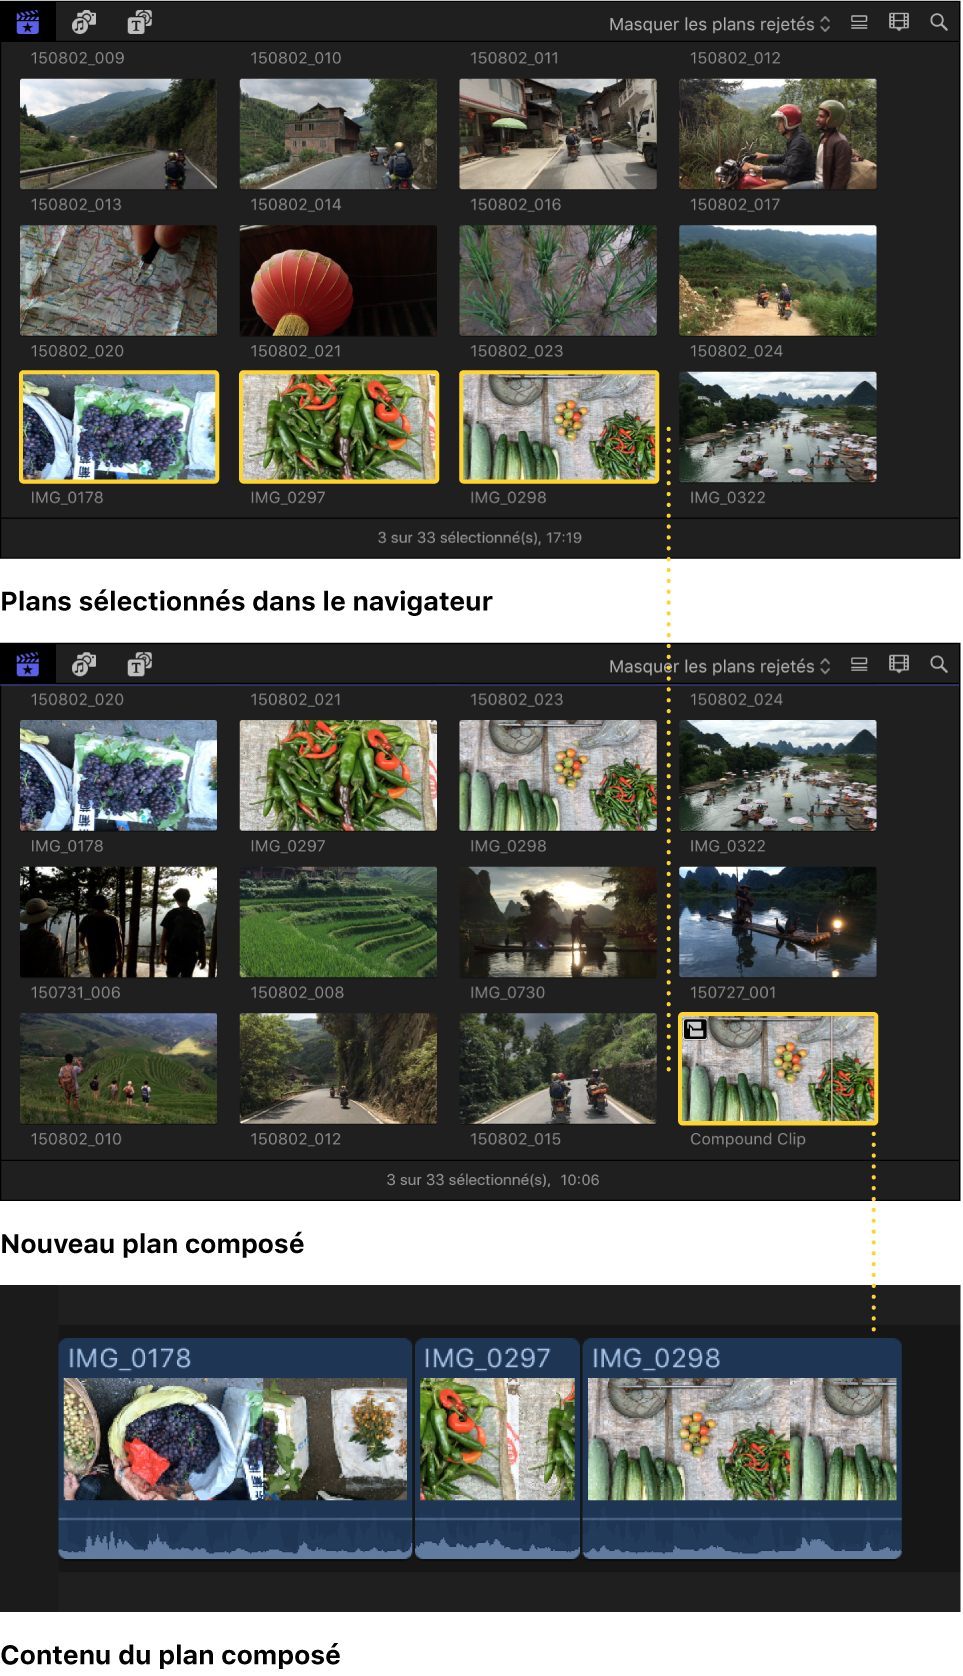 Un plan composé créé à partir de plans sélectionnés dans le navigateur